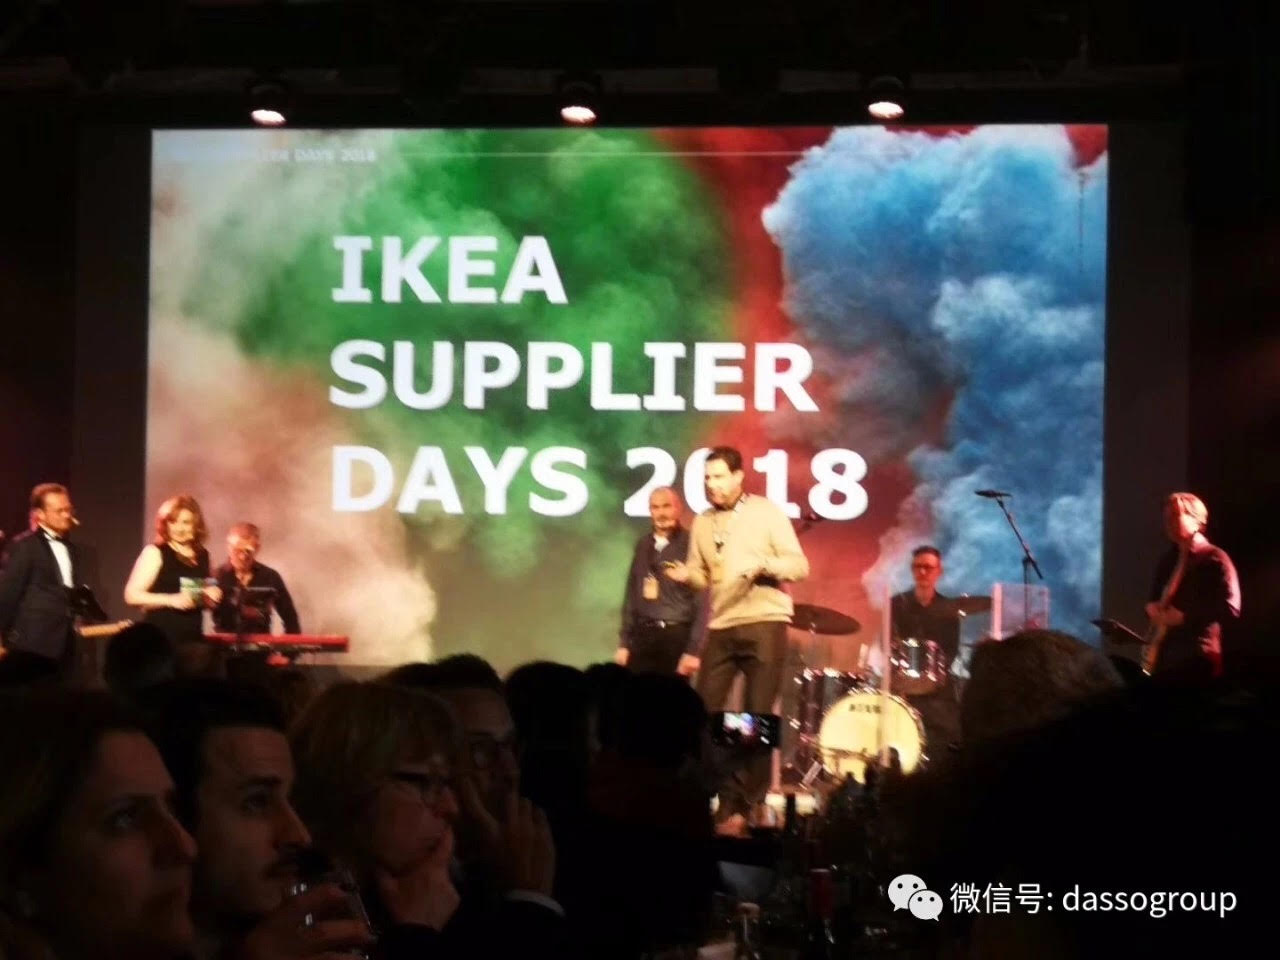 Hangzhou Zhuangyi awarded by Ikea